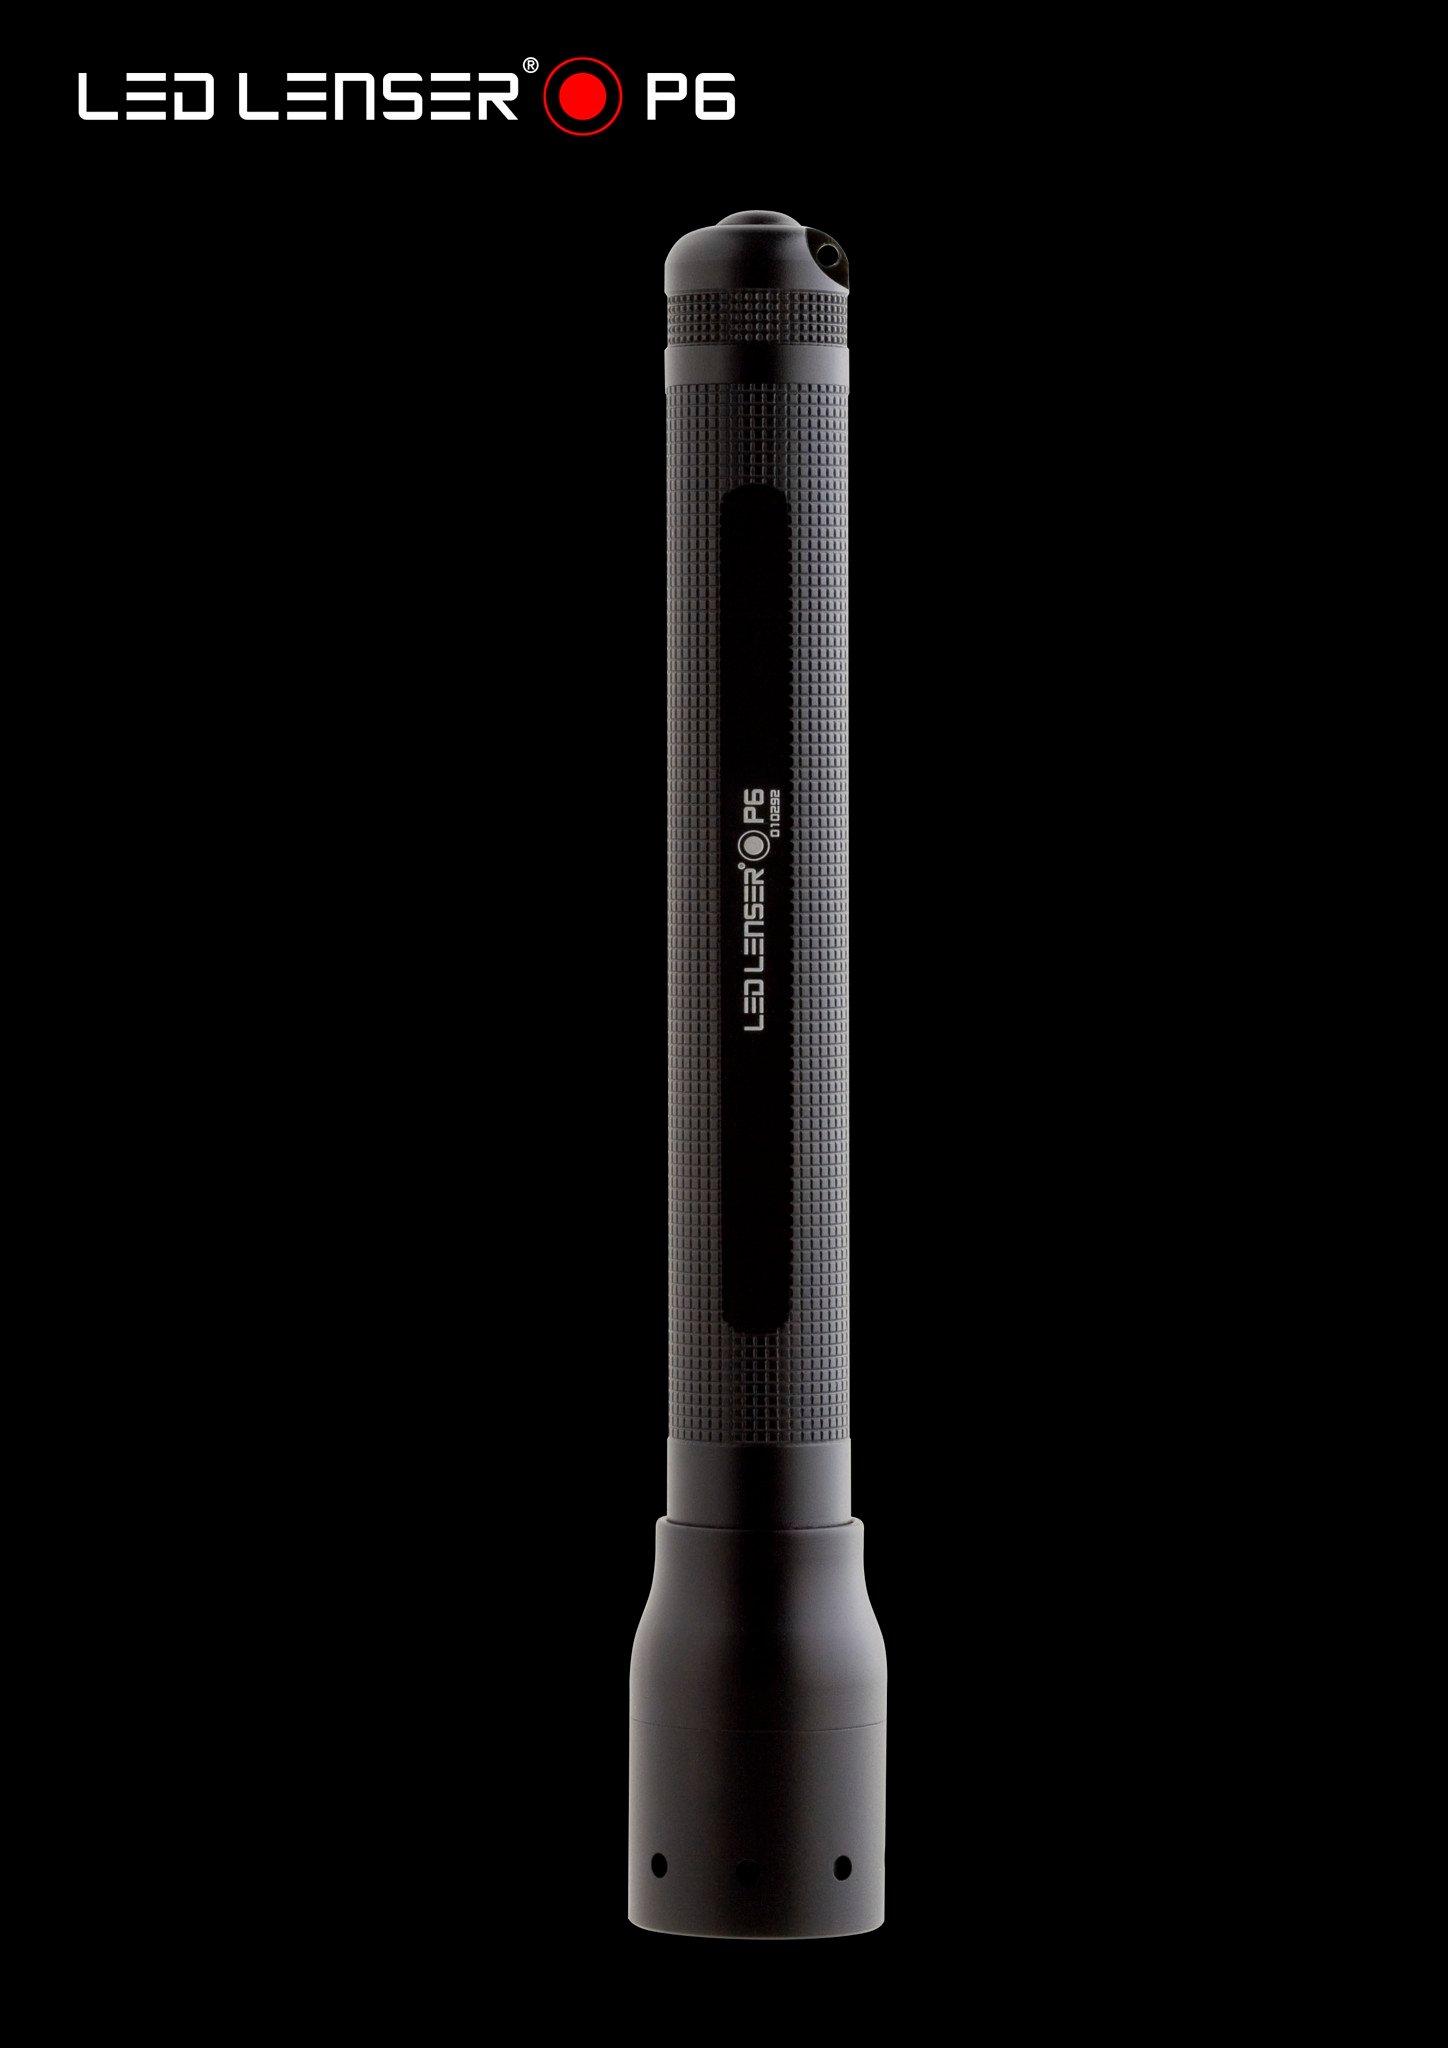 Đèn Pin Cầm Tay  LEDLENSER P6